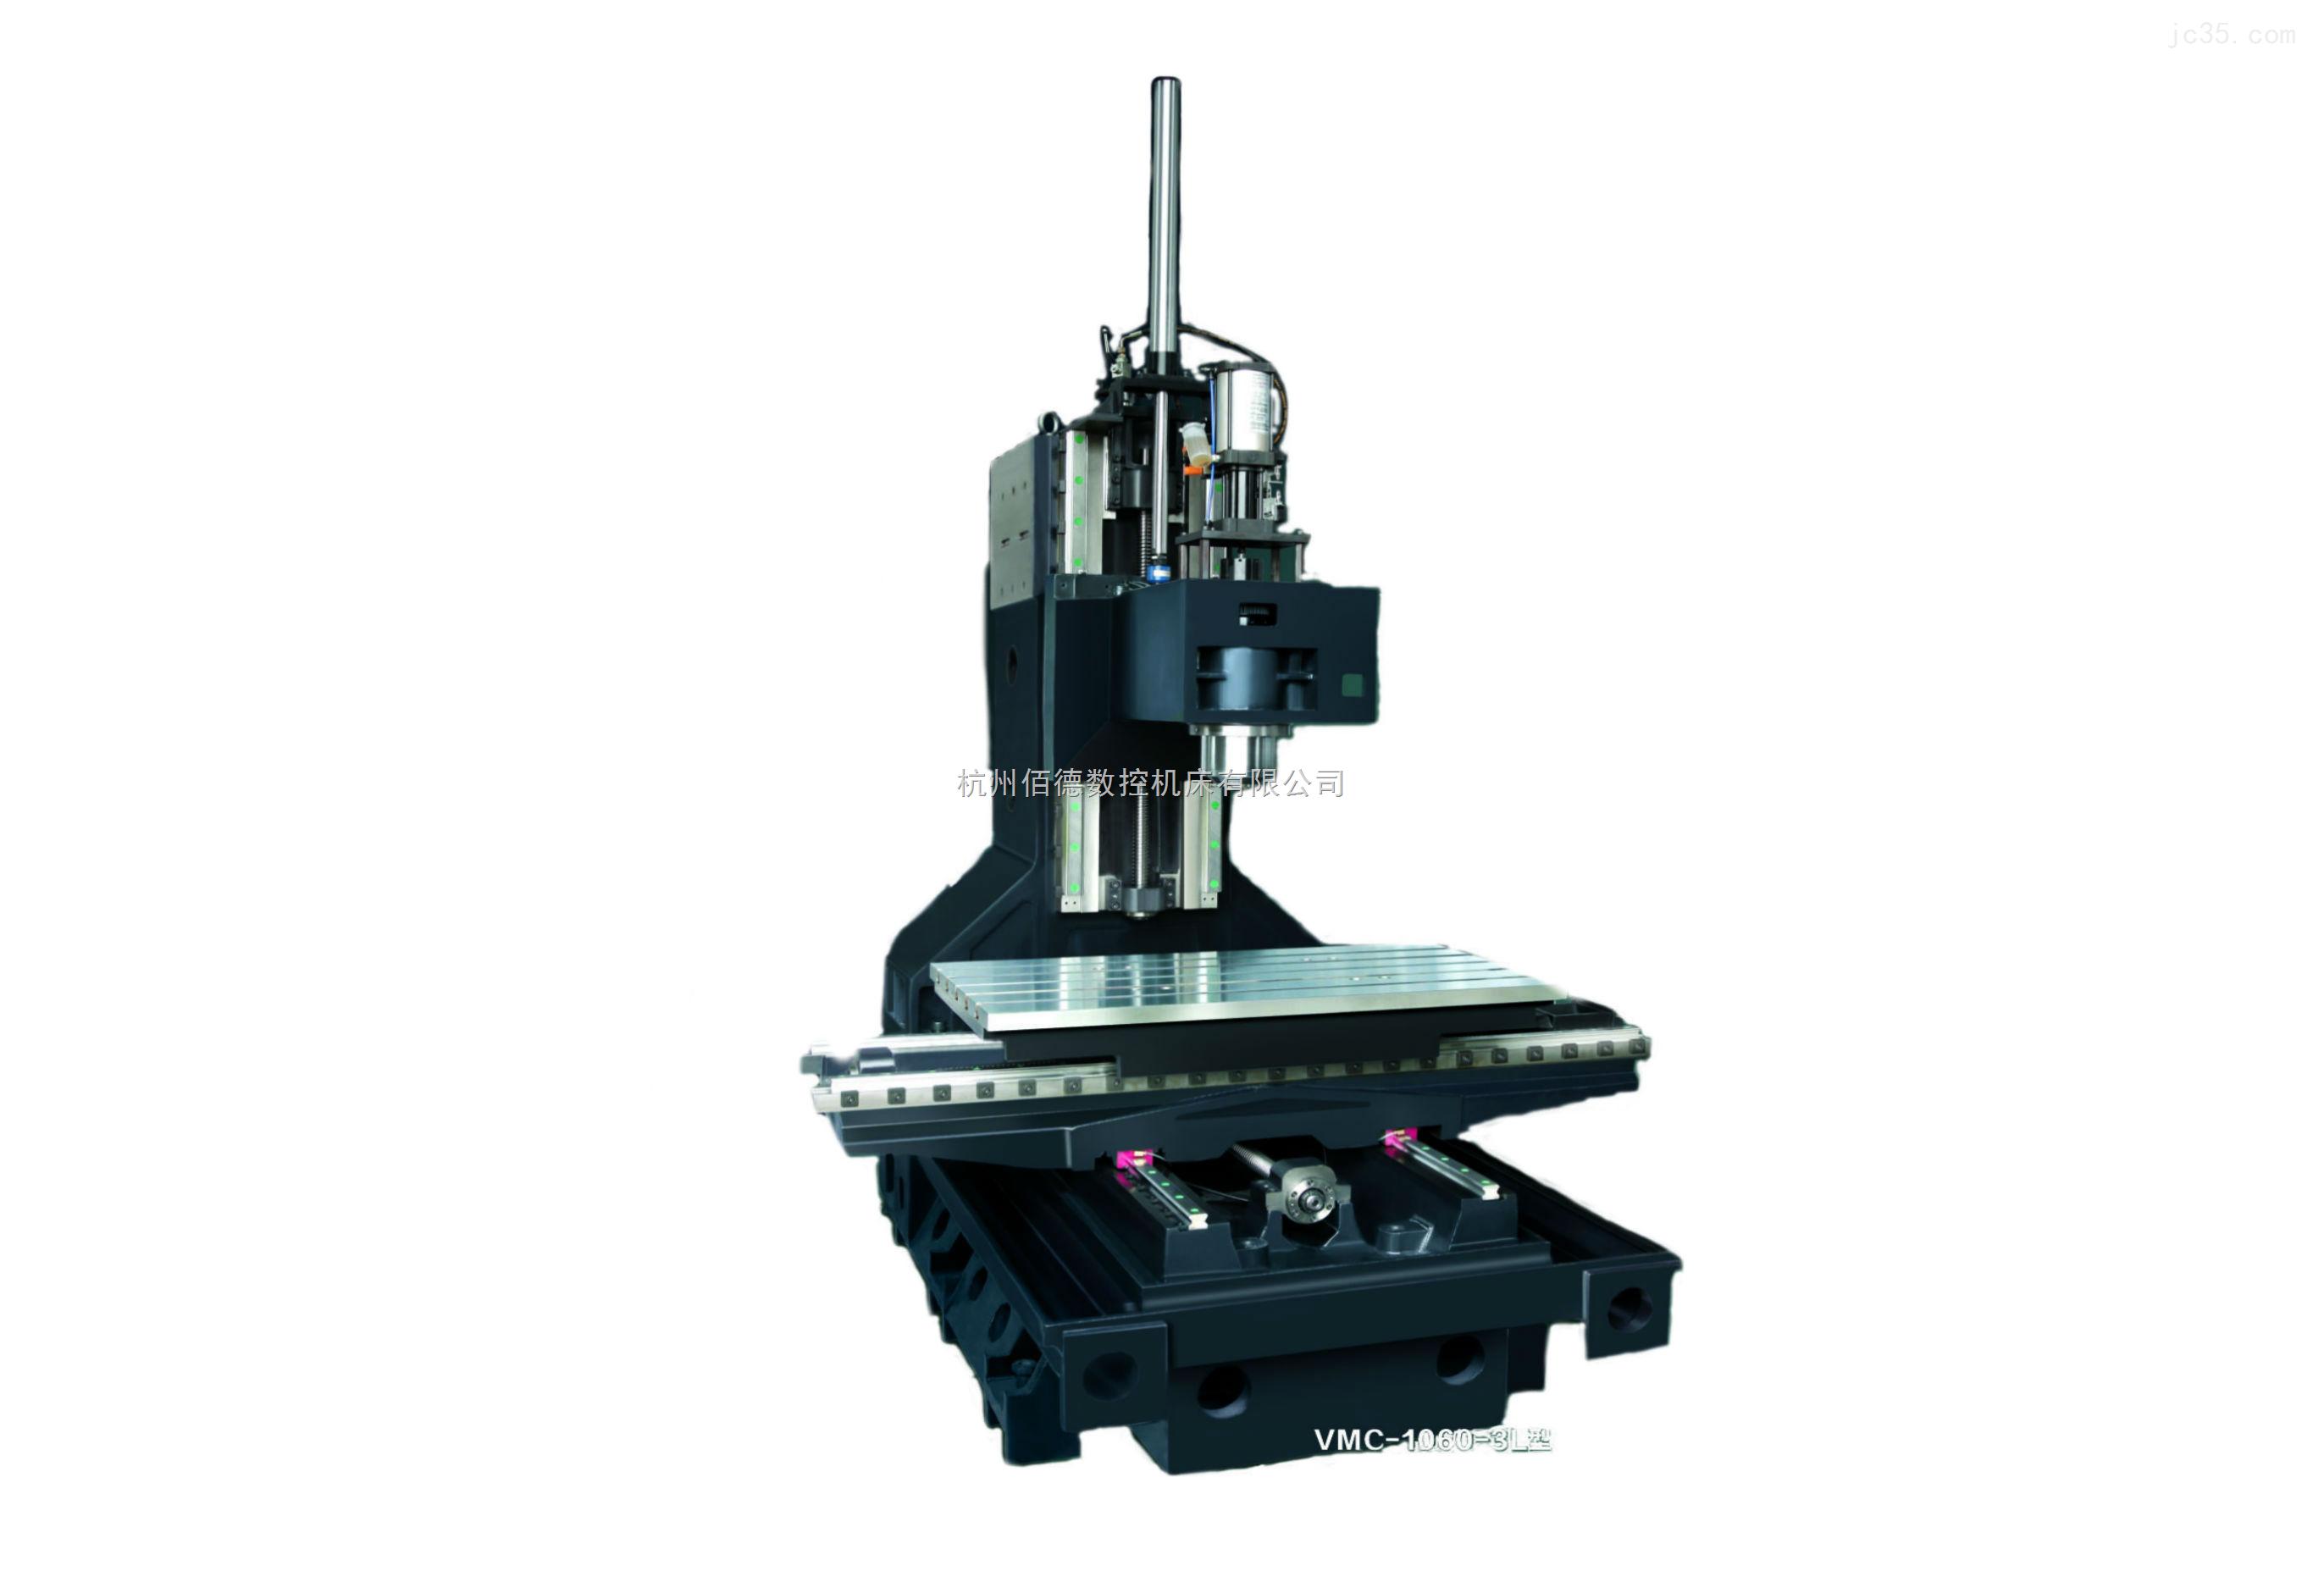 VMC-1060-3L型立式加工中心光机